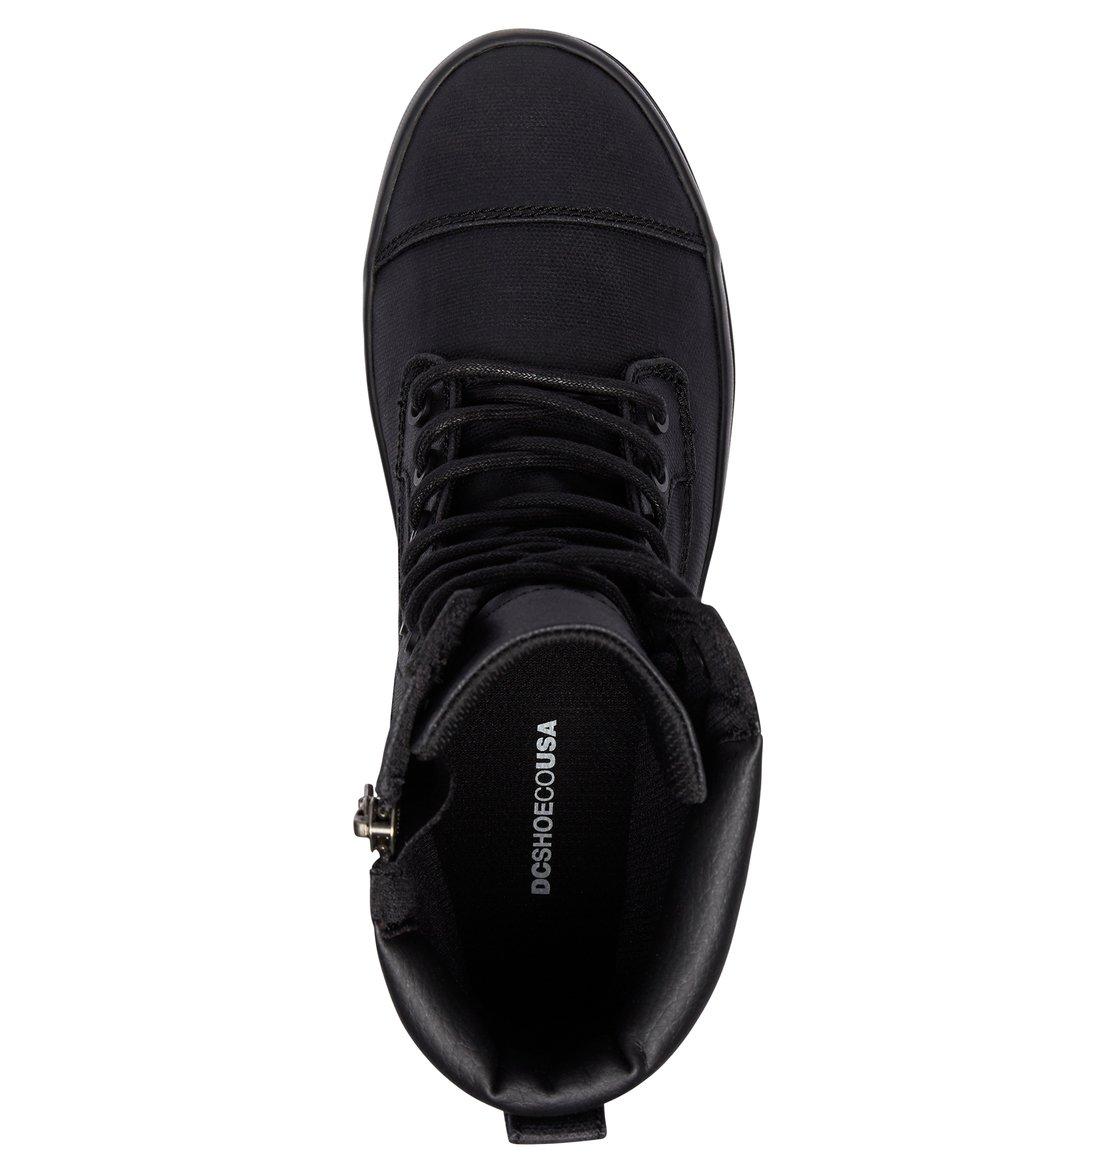 87b17a46b5f 3 Amnesti TX - Lace-Up Boots Black ADJB300009 DC Shoes